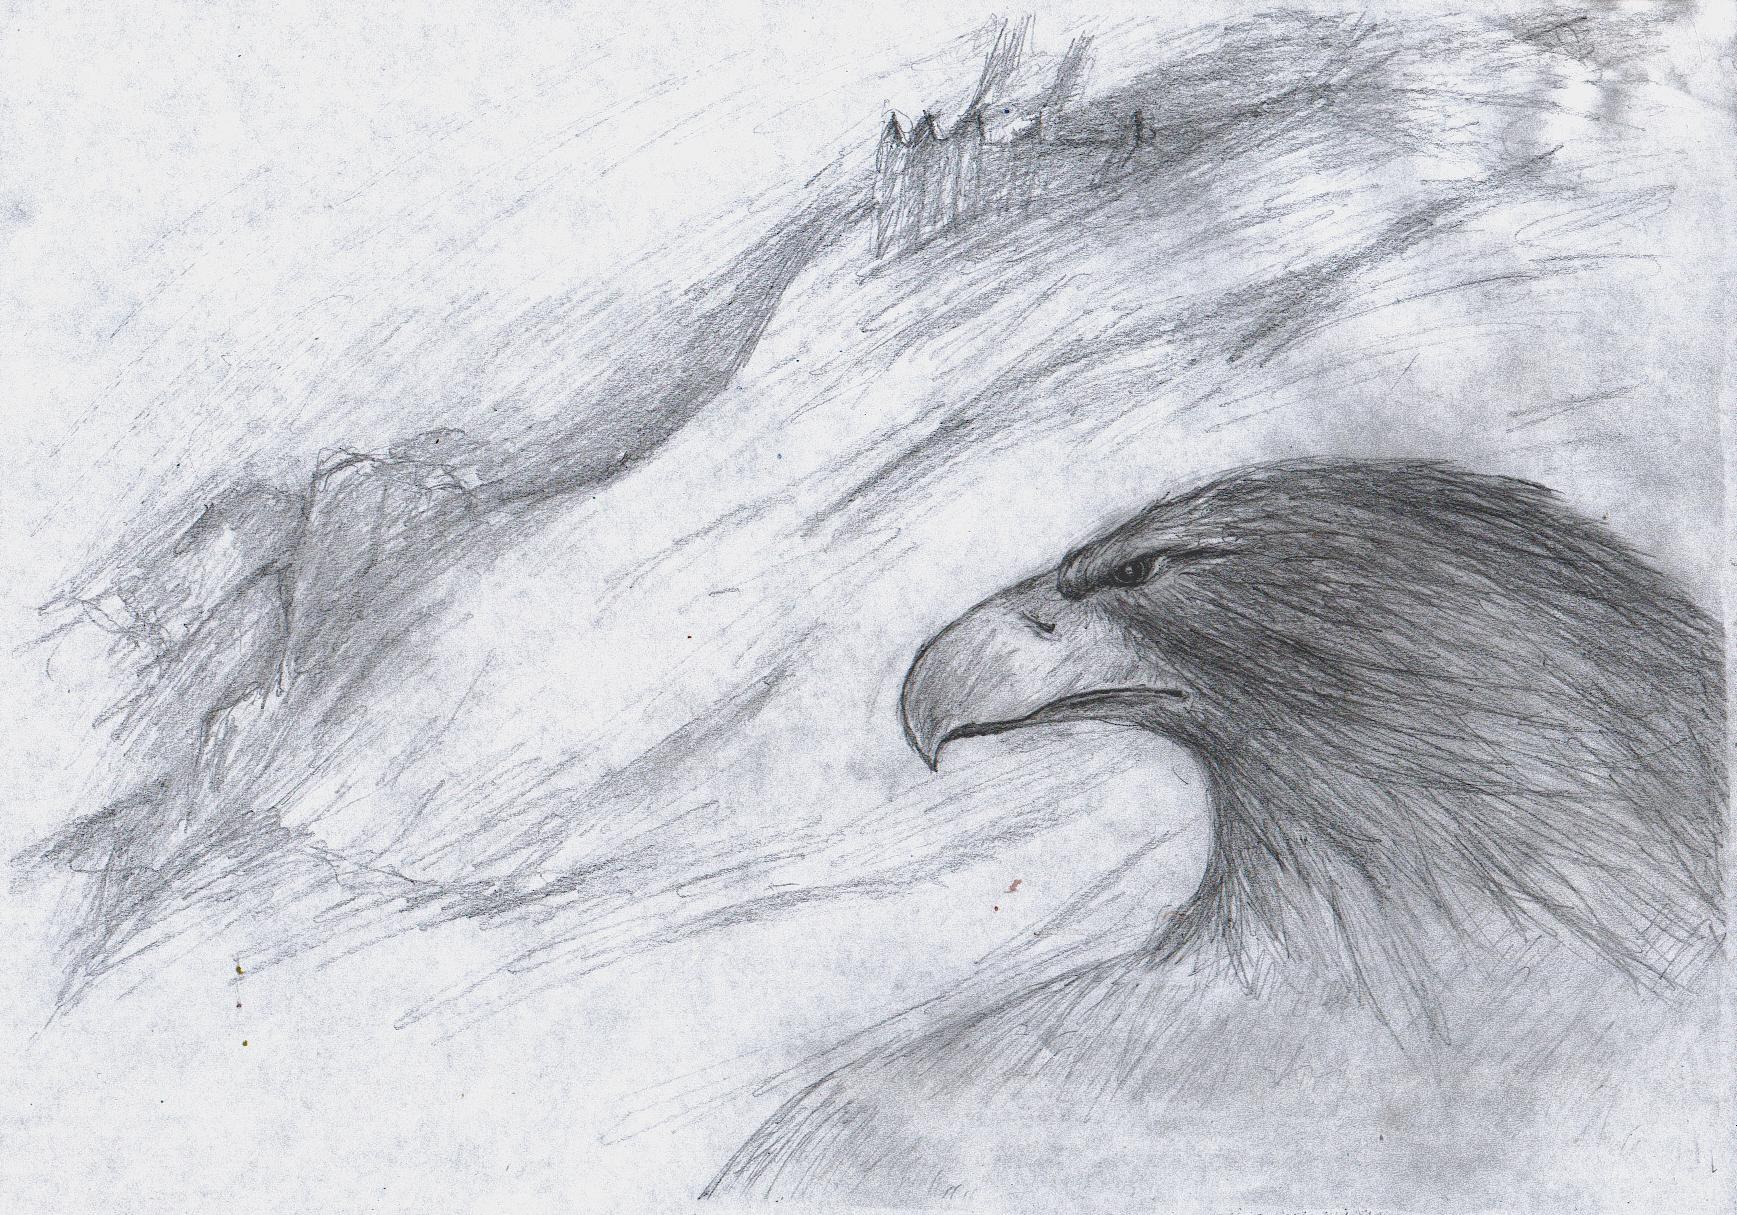 Eagle elv dating